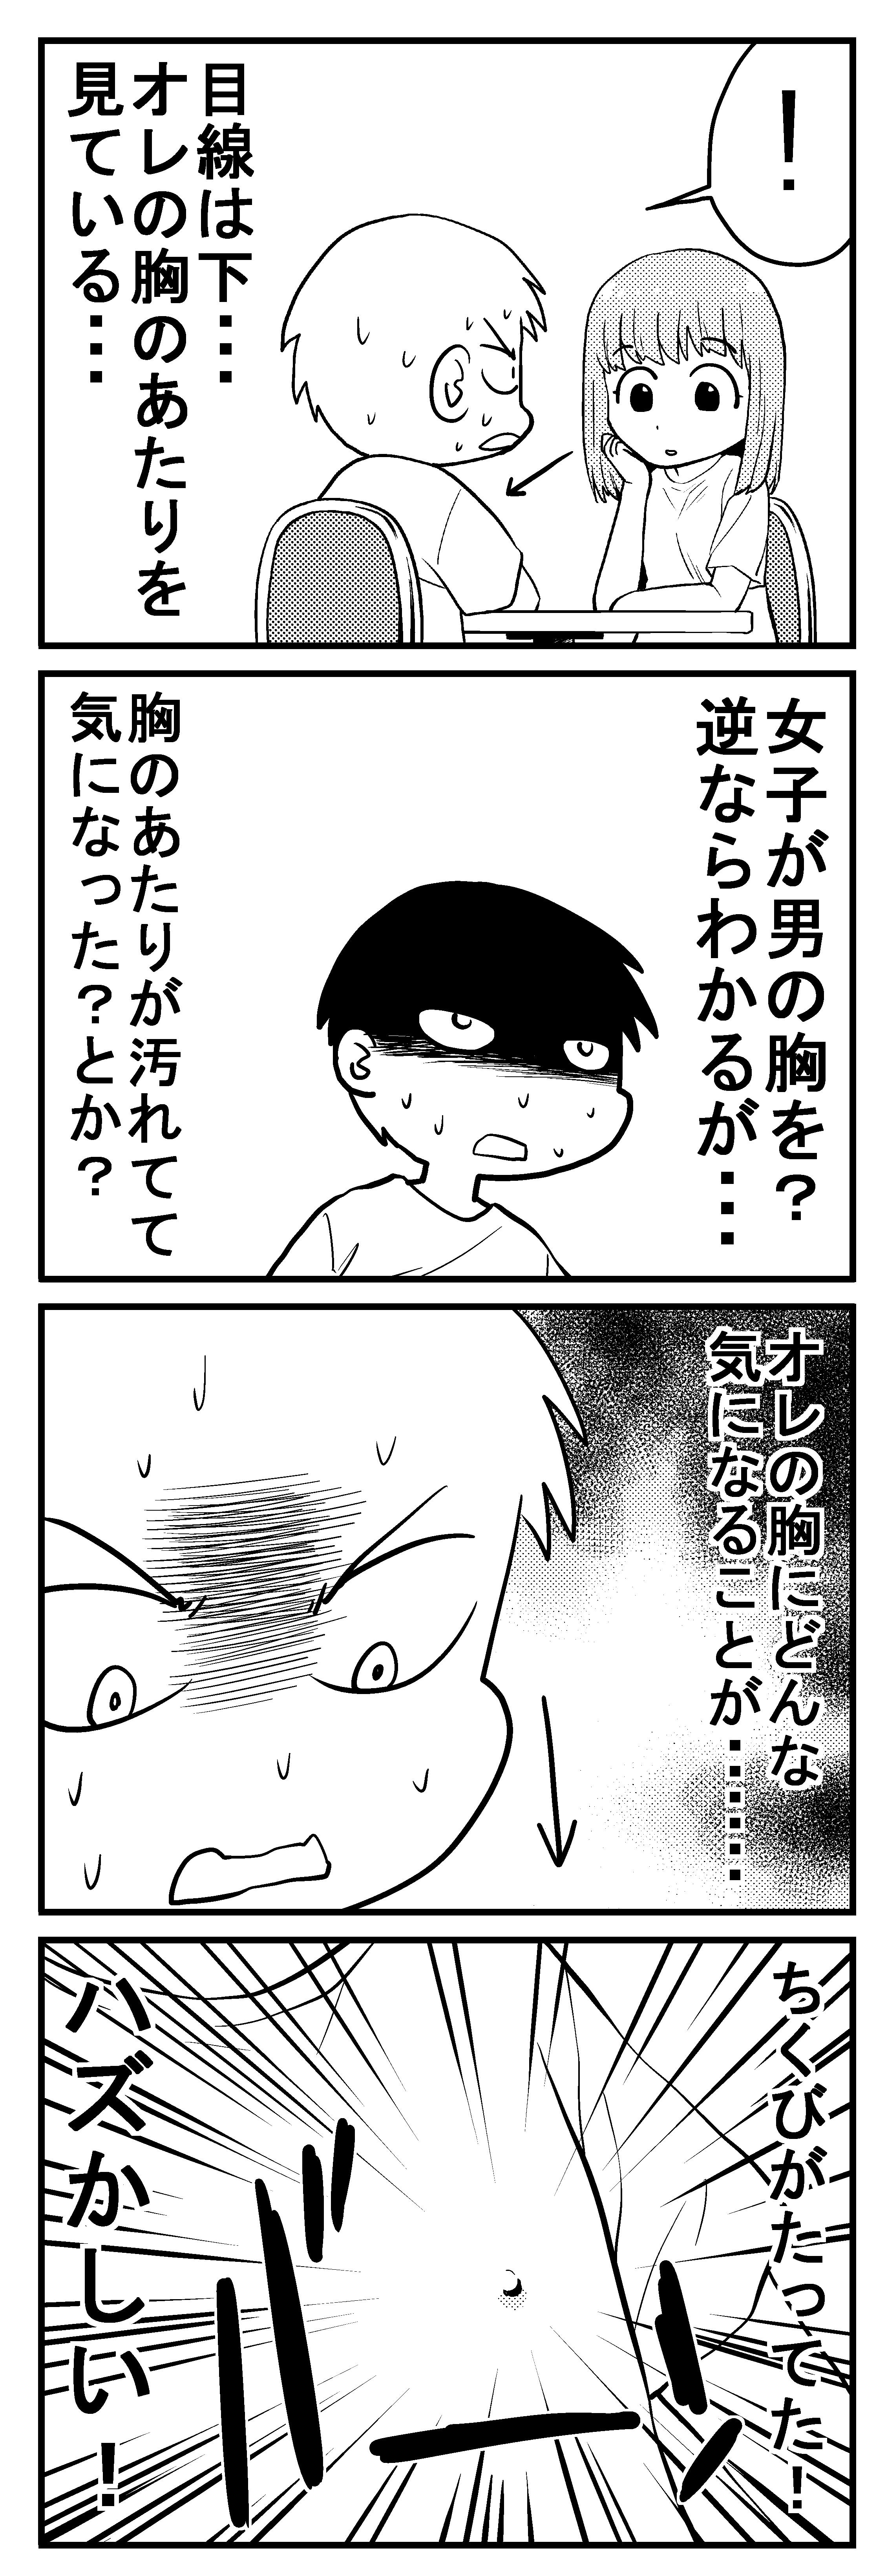 深読みくん18-4